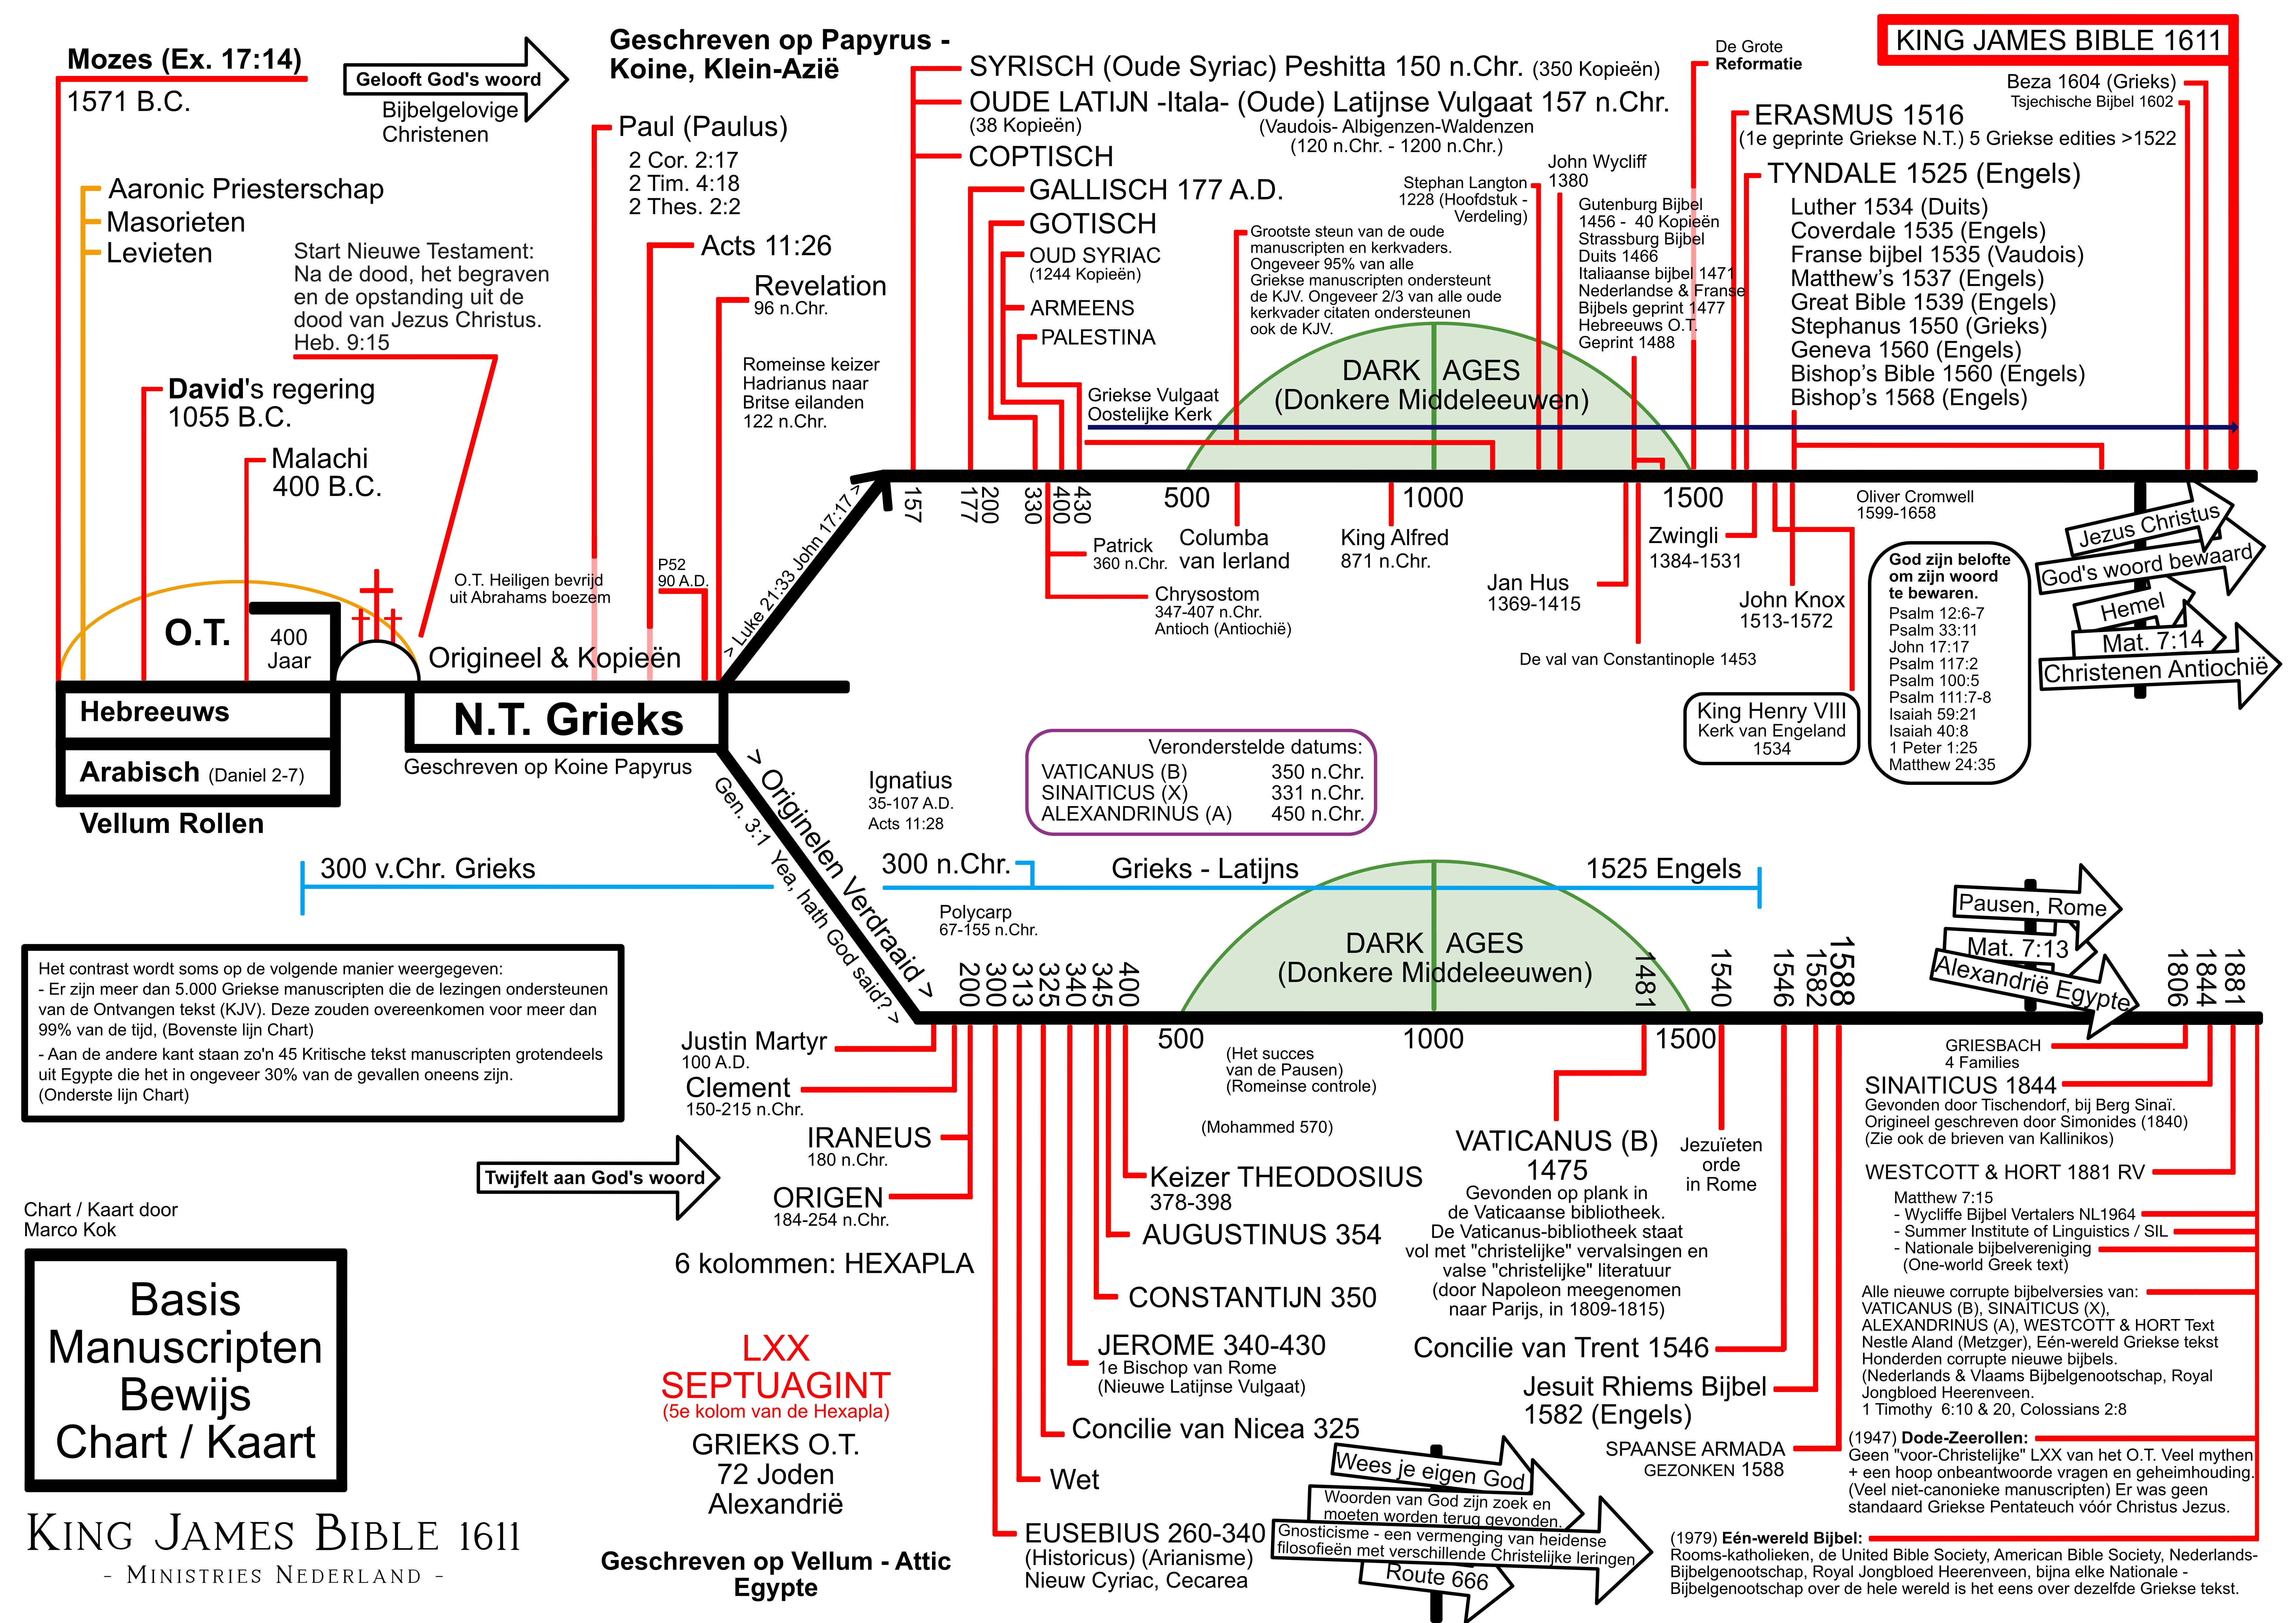 Basis Manuscripten Bewijs Kaart / Chart - Marco Kok kingjamesbible.nl - A2 .jpg